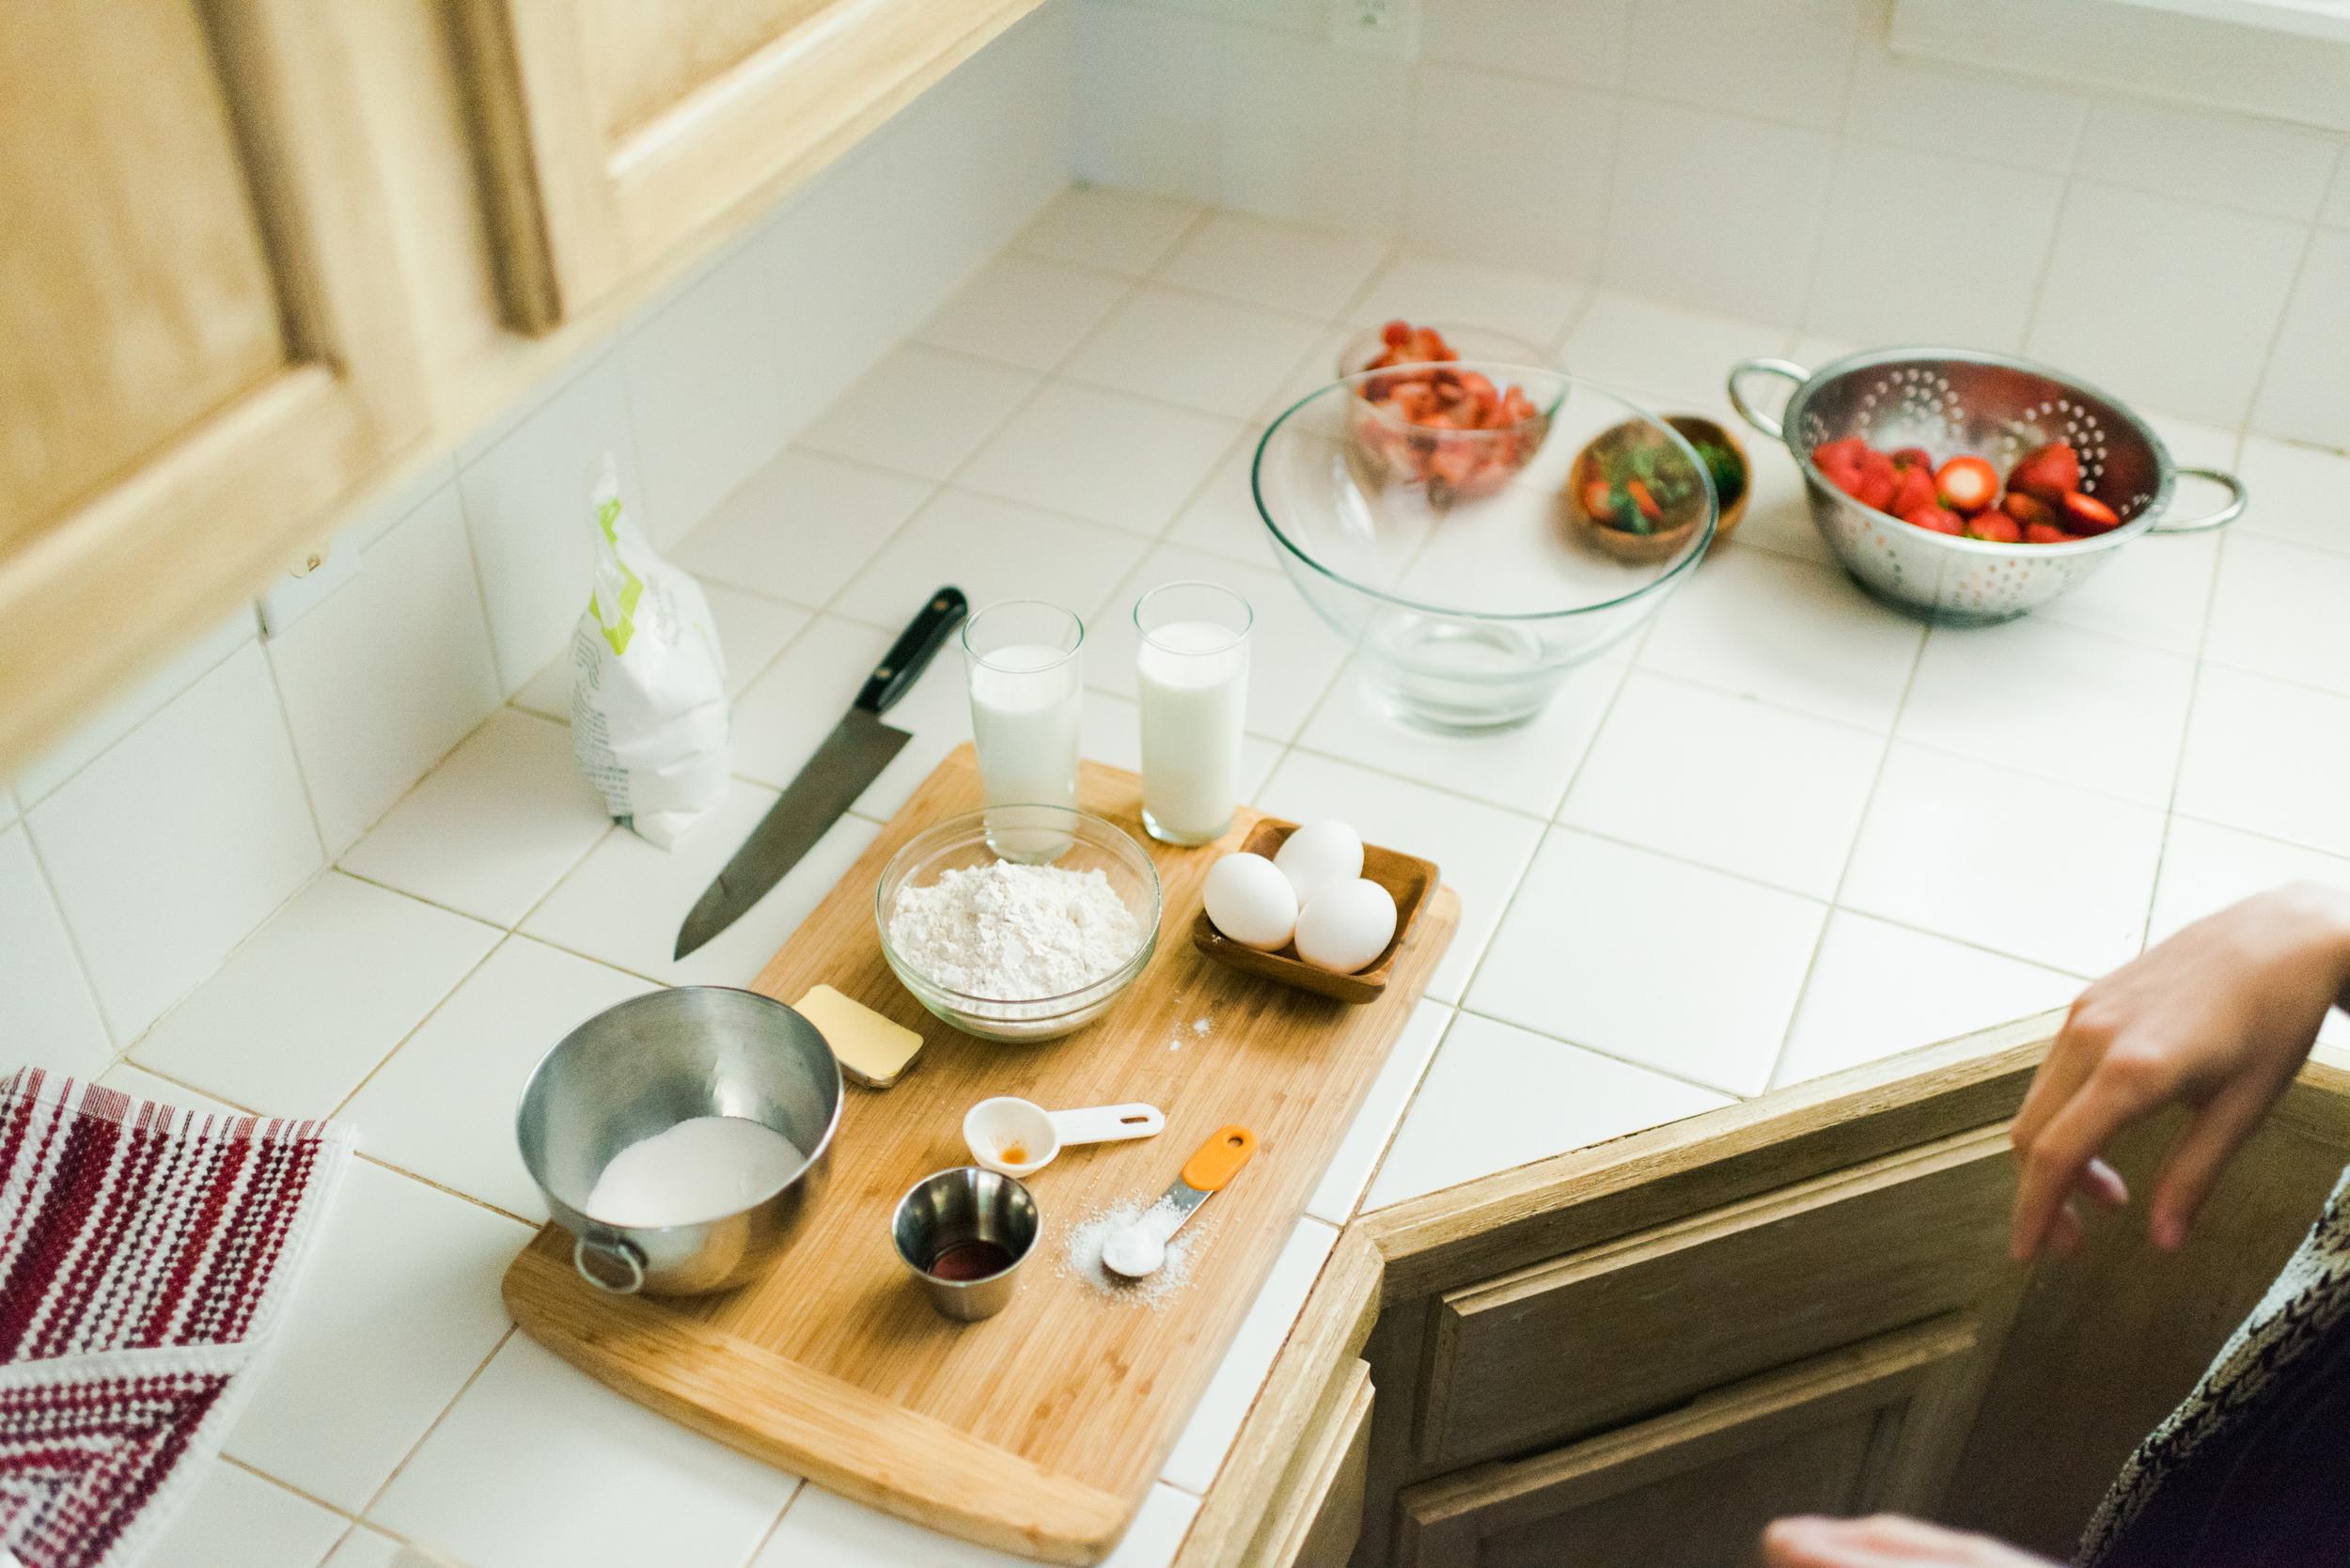 the-best-homemade-crepe-recipe-the-spice-girl-blog (10 of 36).jpg